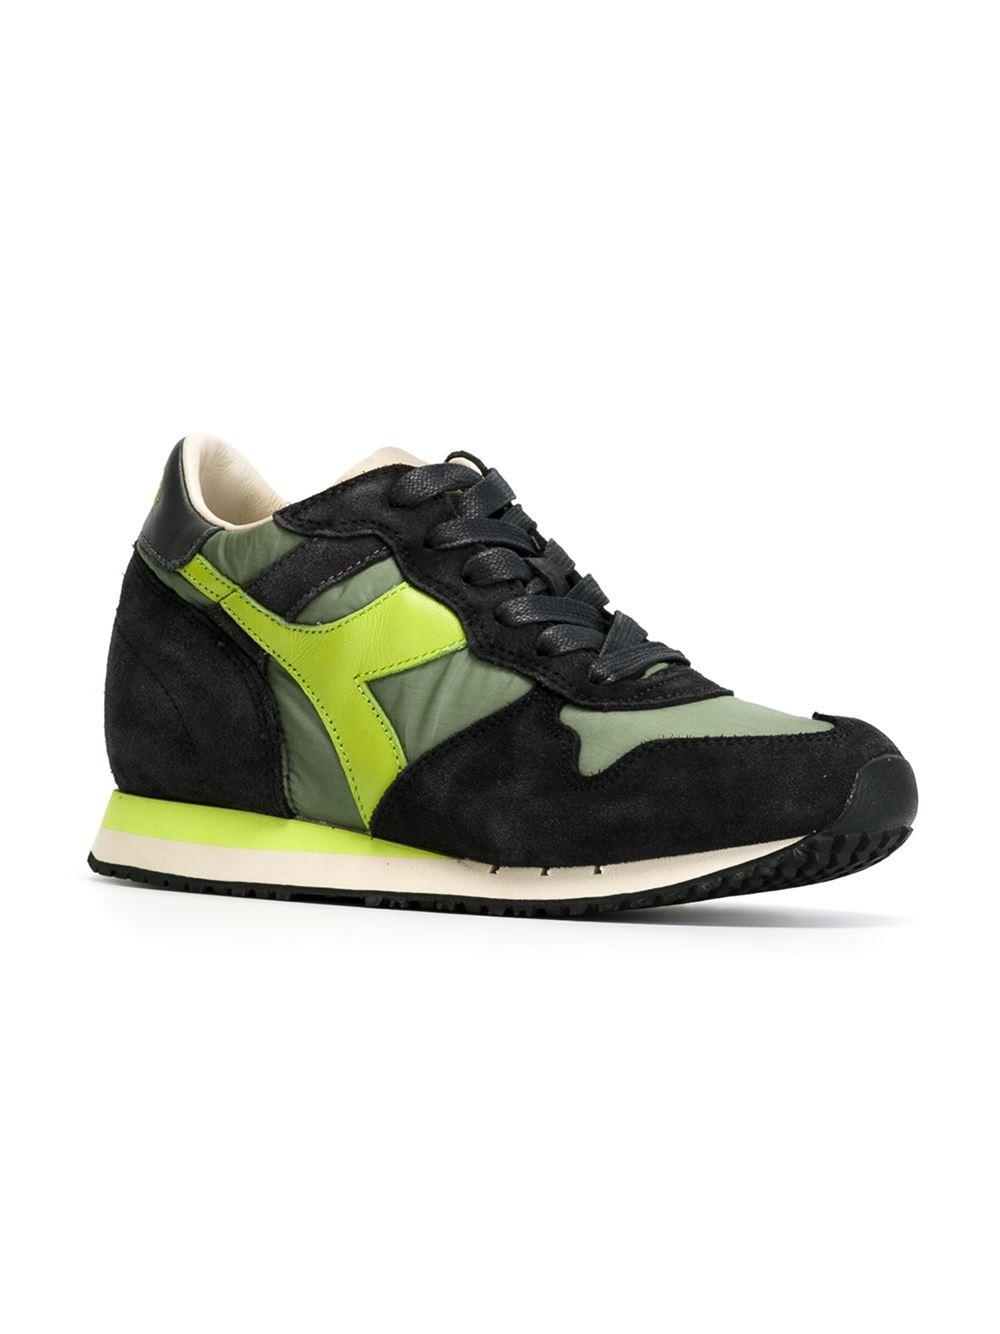 diadora sneakers - photo #6